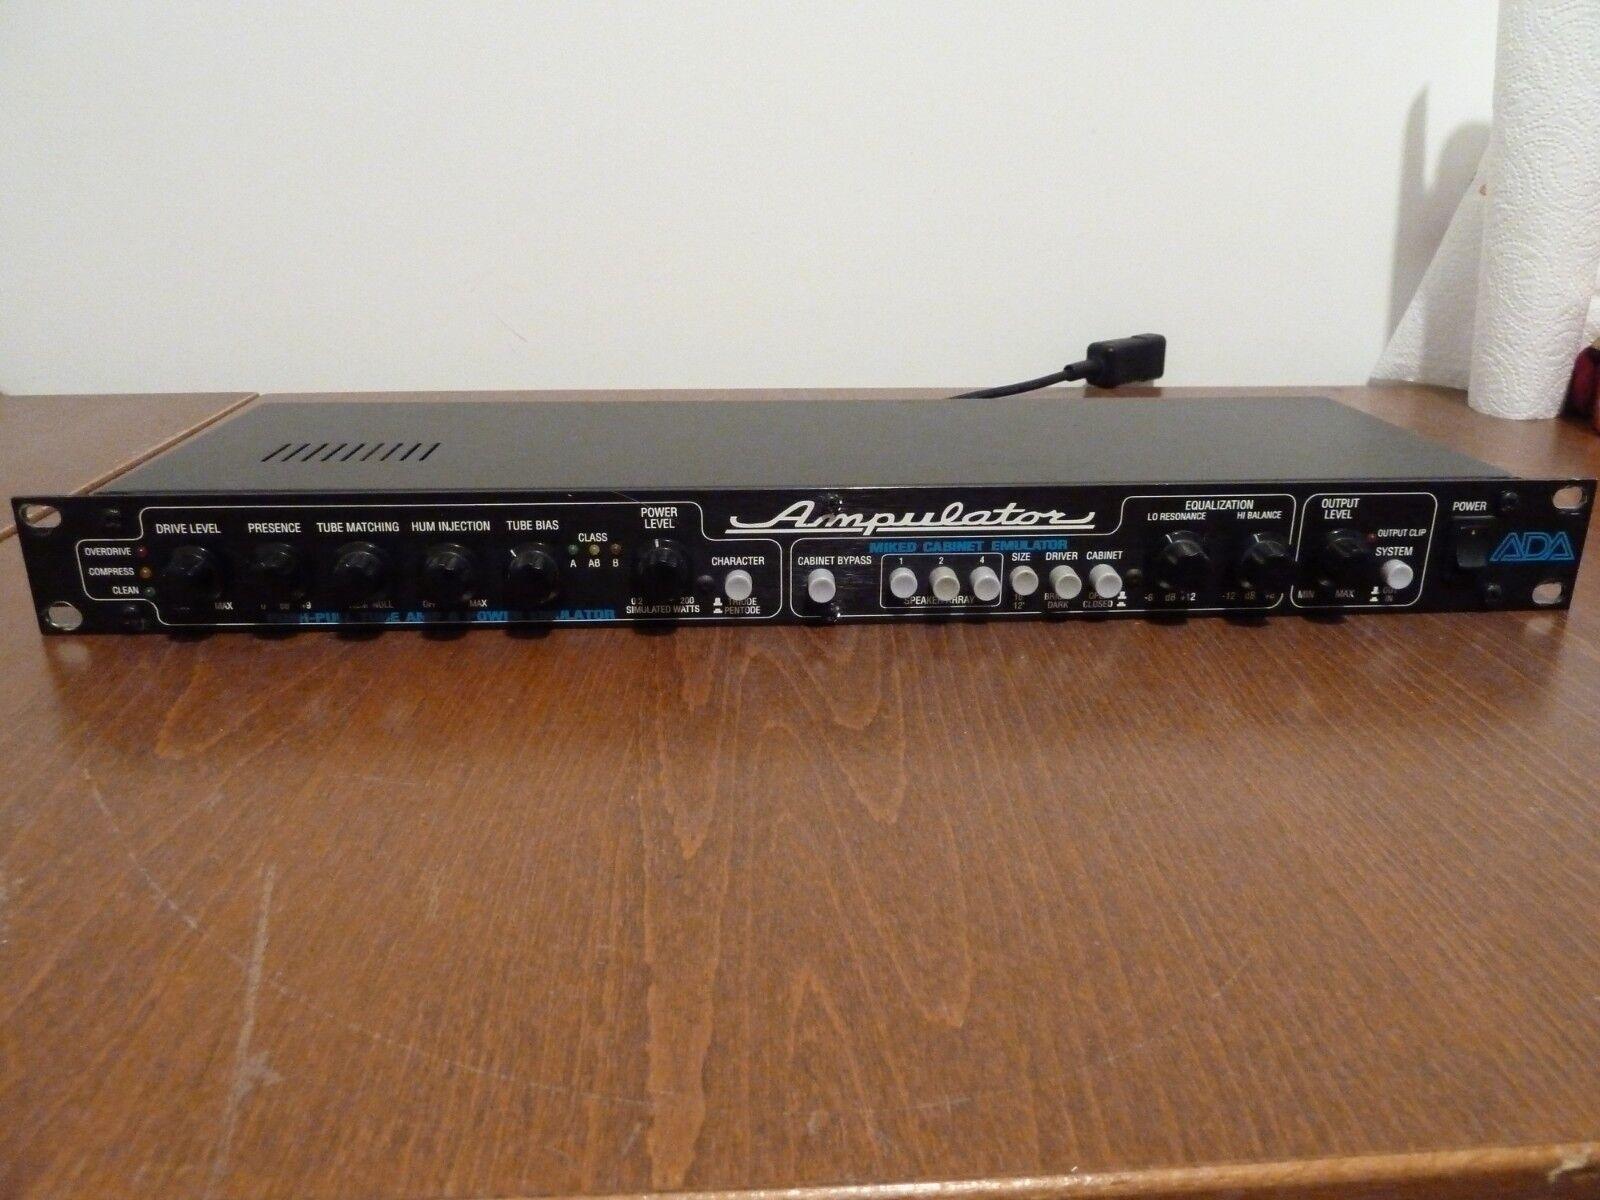 benvenuto a comprare Ada ampulator 12ax7 Tube Guitar Power Amp Simulator & & & Cabinet emulatore 220 Volt  garanzia di credito